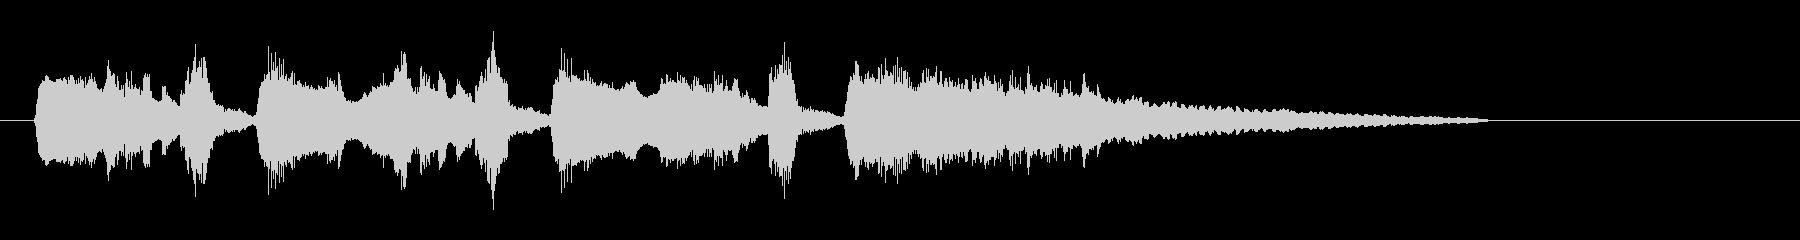 テーマ13B:フルミックス、ブロー...の未再生の波形